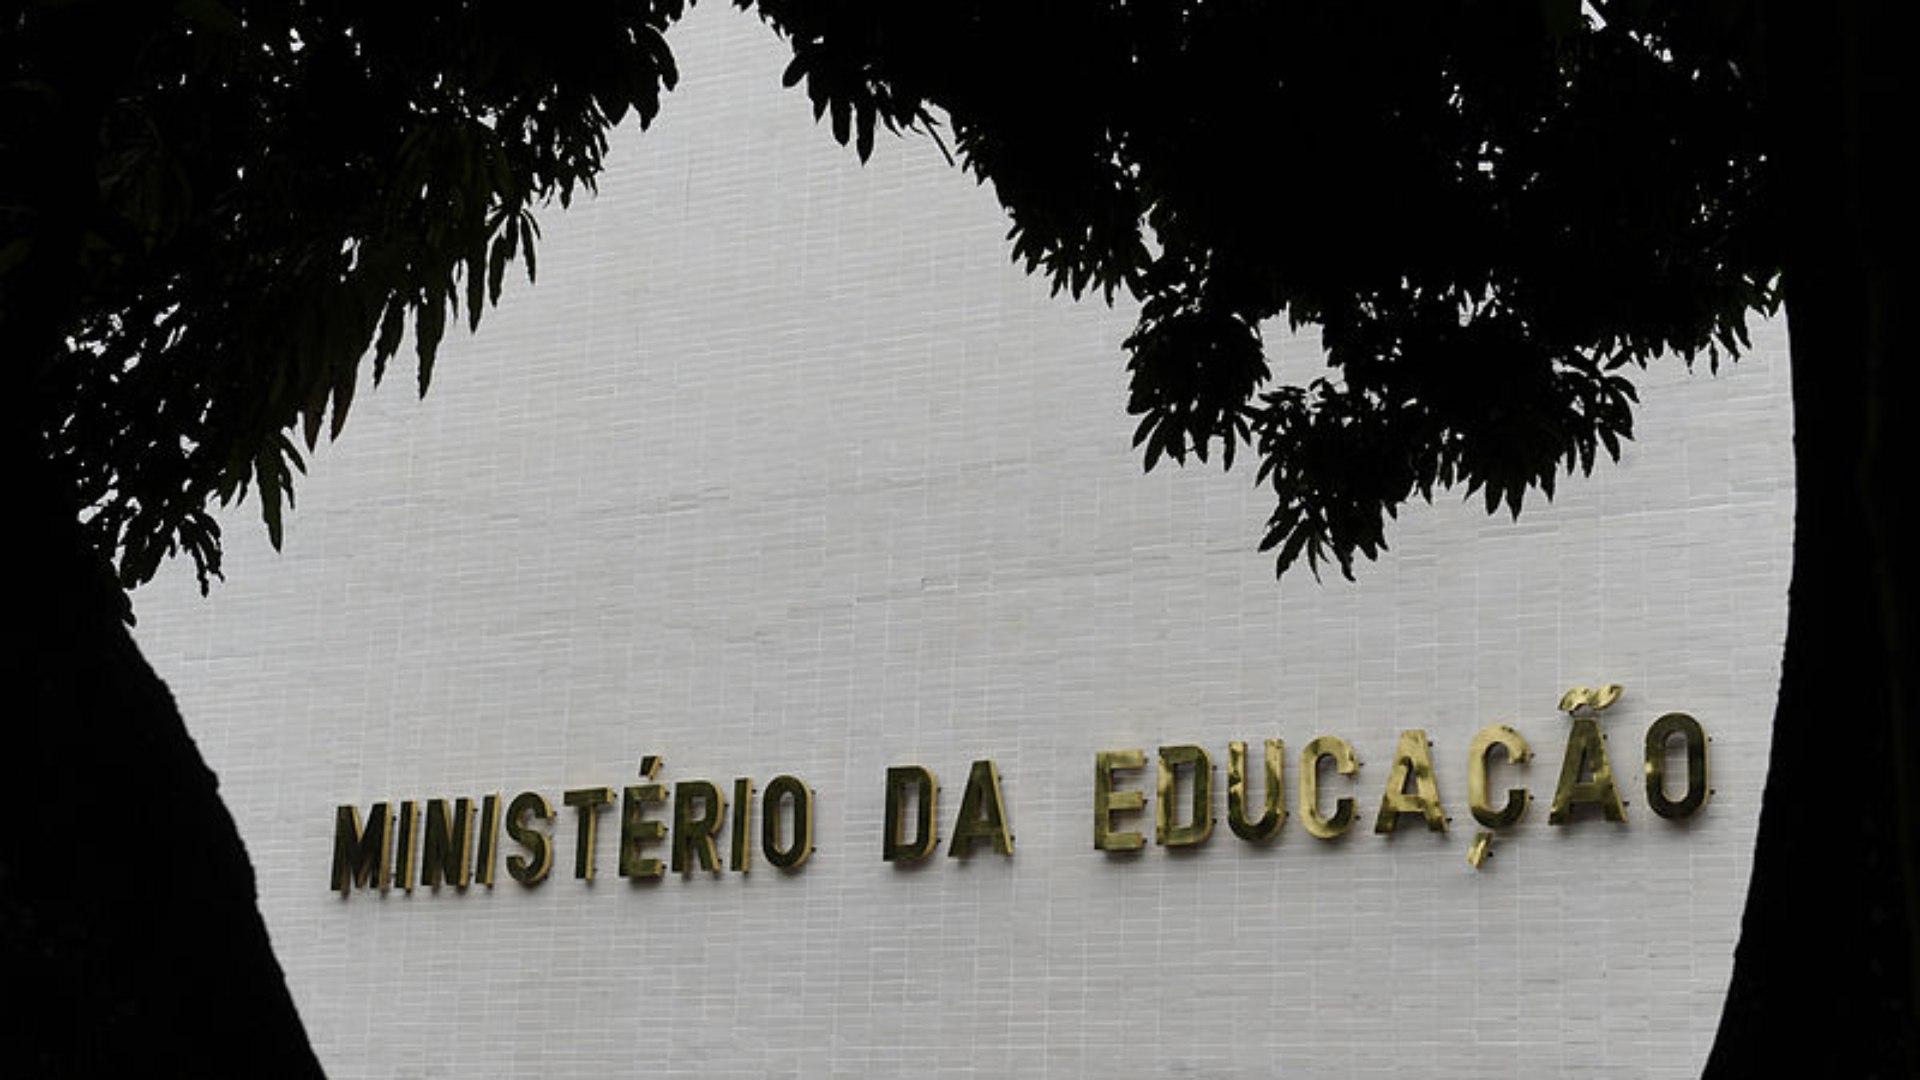 Corte de quase R$ 1 bi para universidades federais é mantido mesmo com alteração no orçamento do MEC para 2021, dizem reitores